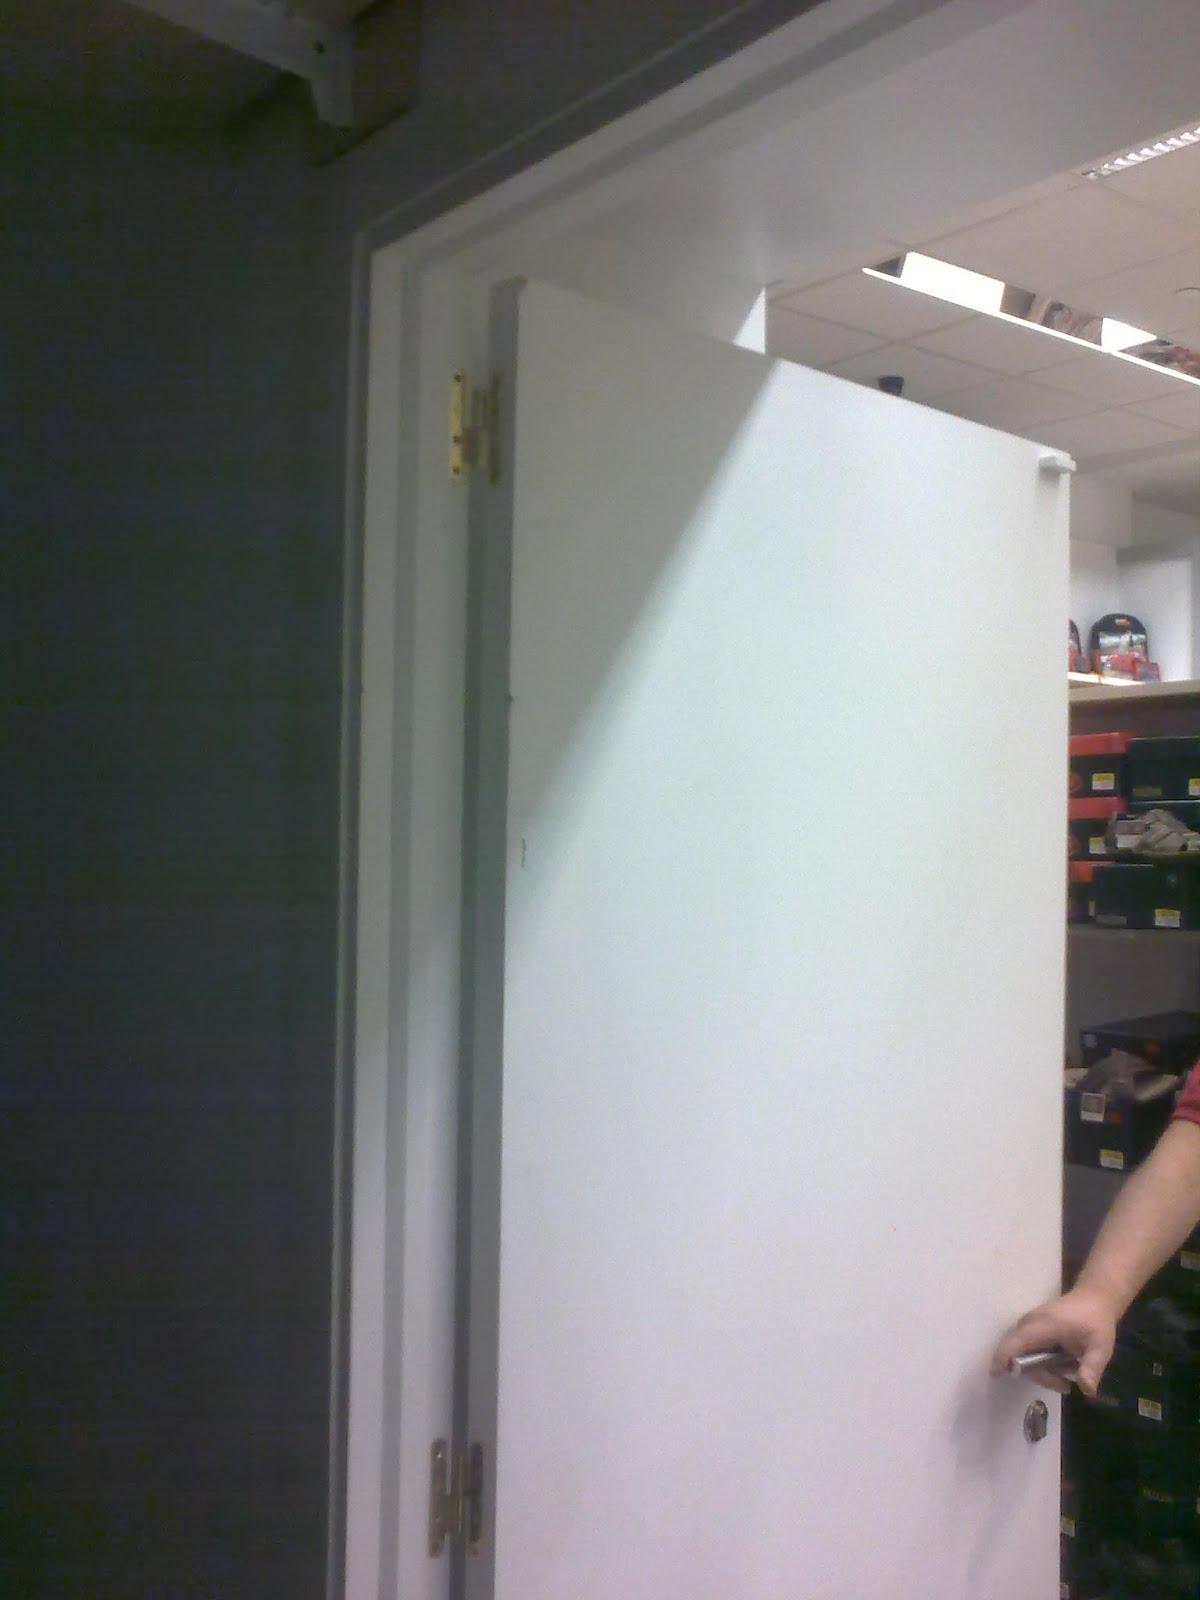 Puertas lacadas blanco puertas lacadas blancas lisas with - Puertas lacadas en blanco roto ...